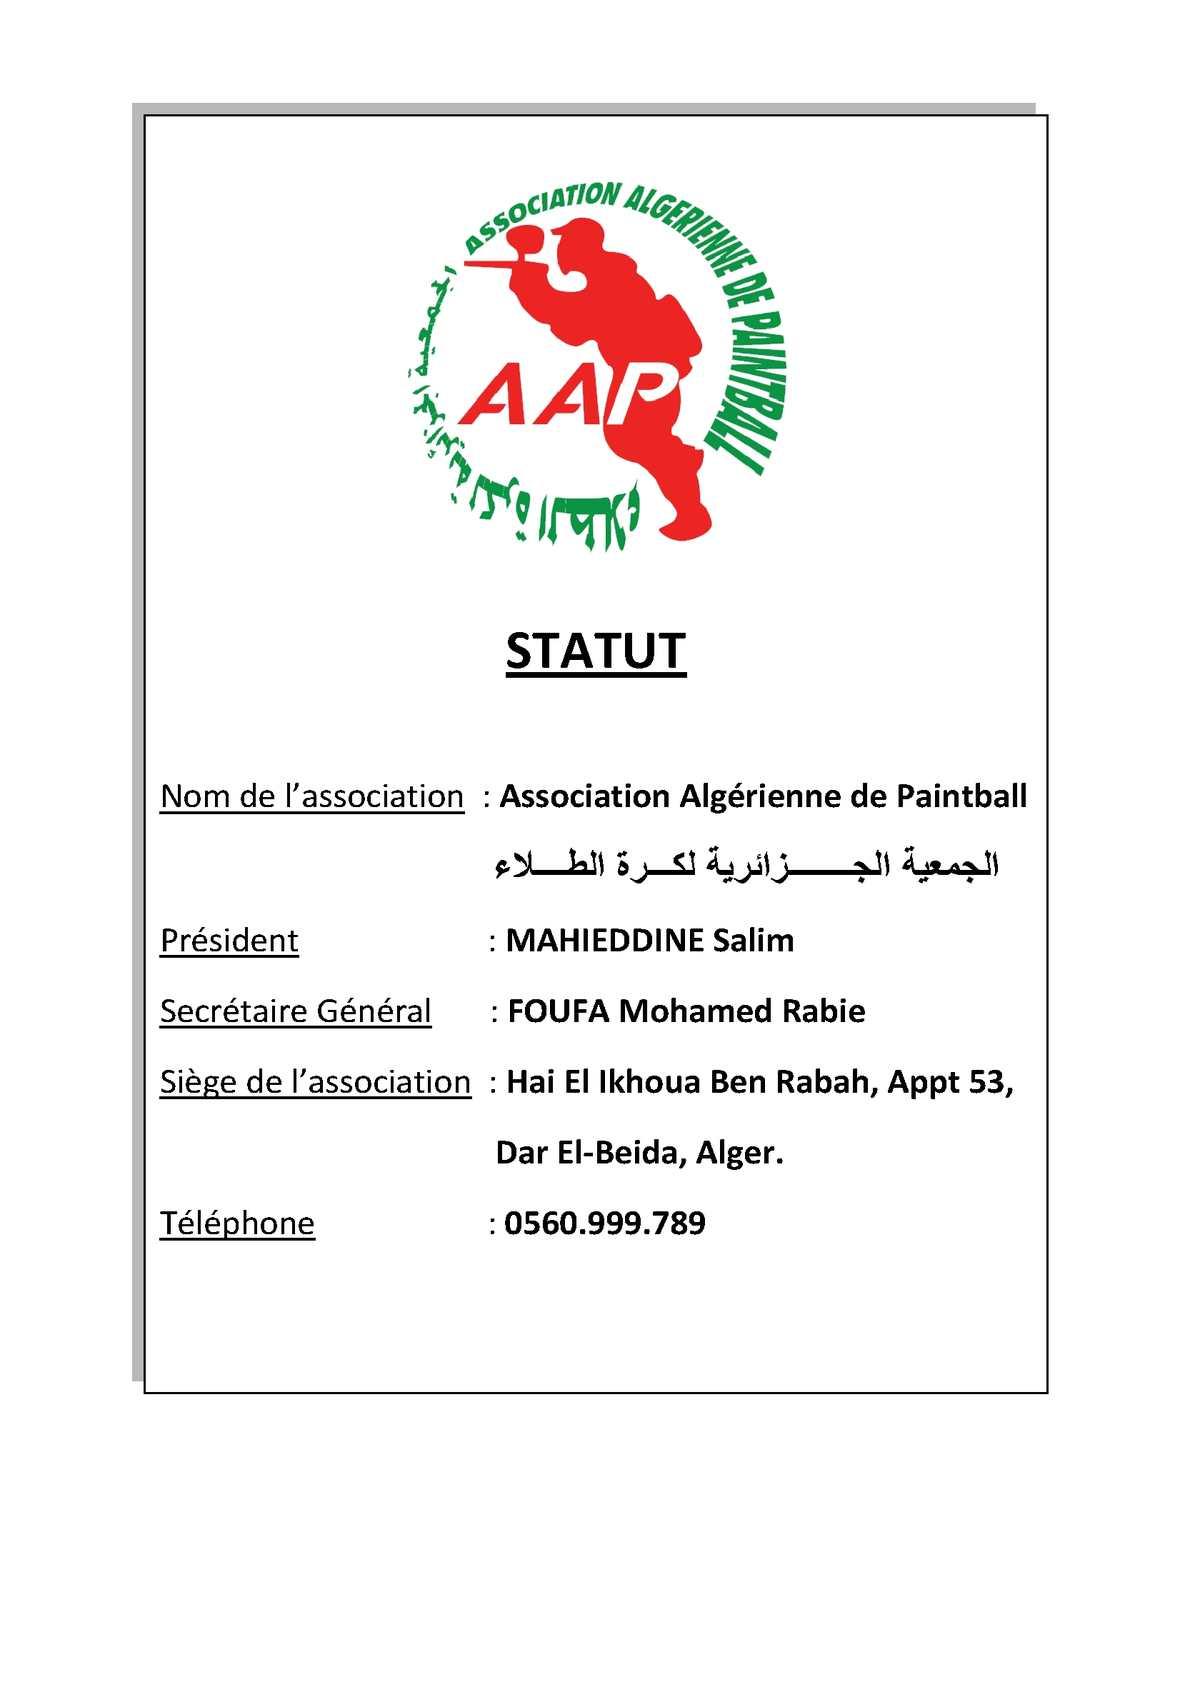 Statut de l'Association Algérienne de Paintball